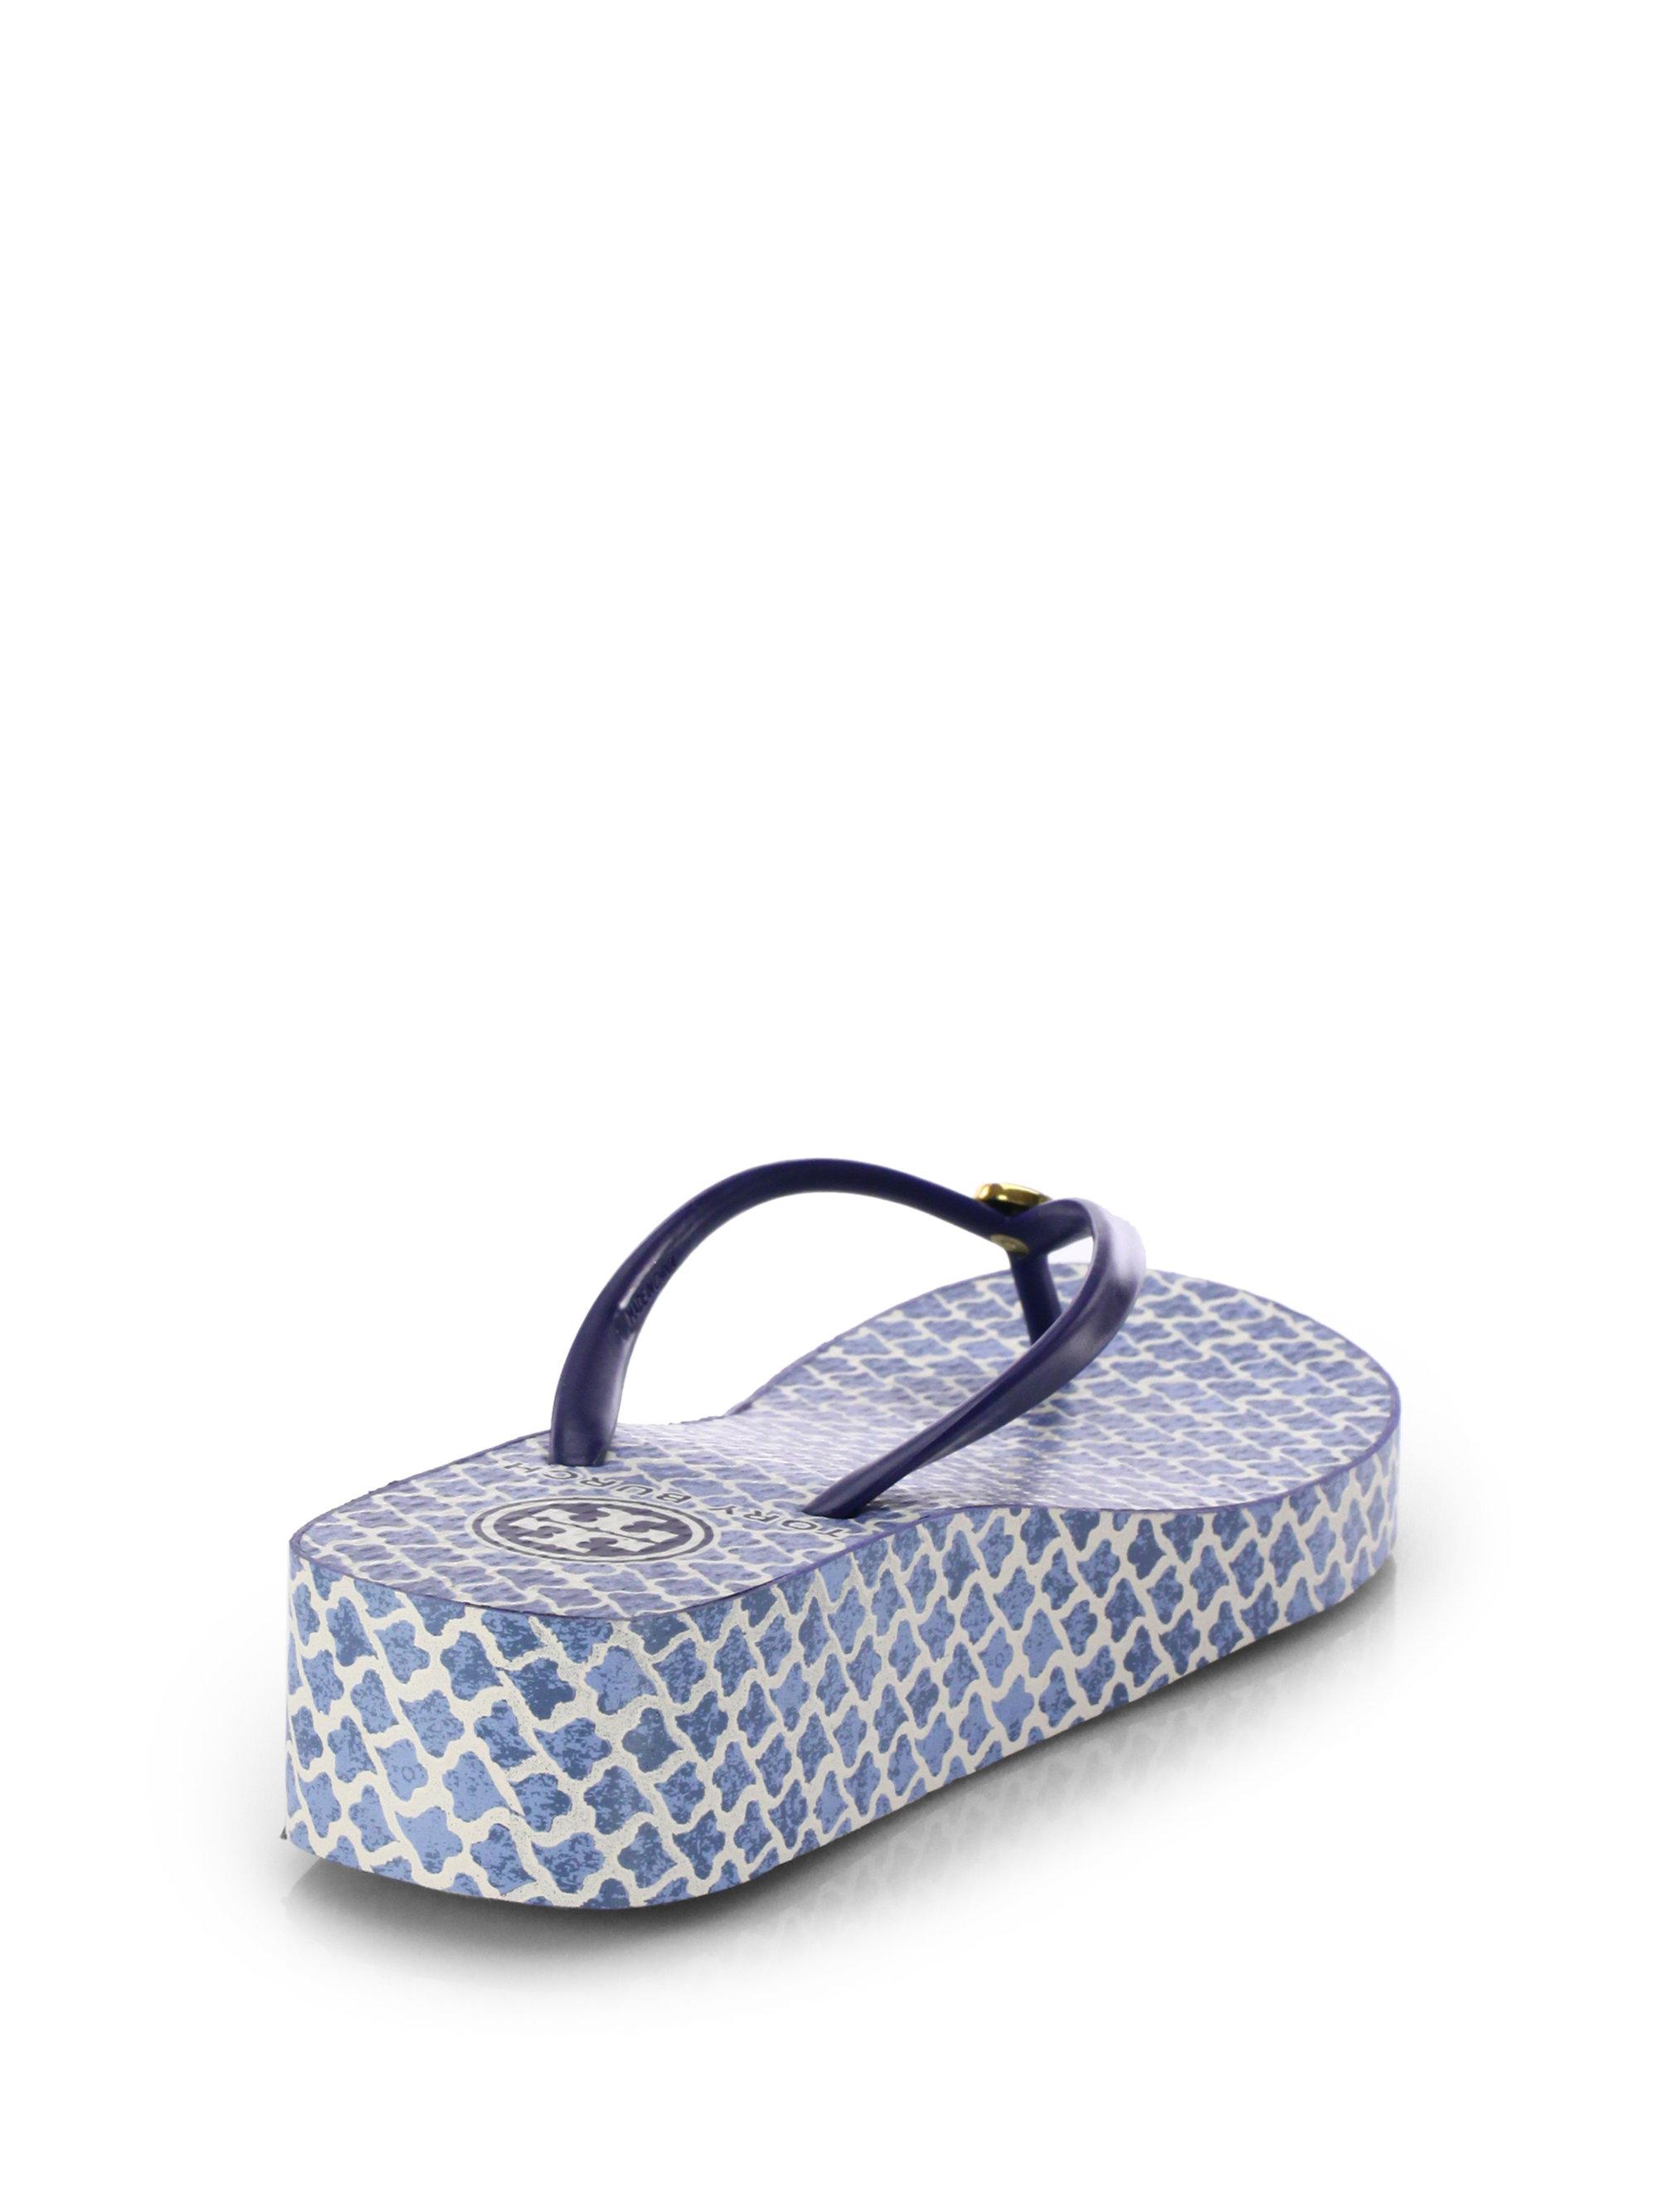 47a0ecbd59f80a Lyst - Tory Burch Thandie Wedge Flip Flops in Blue